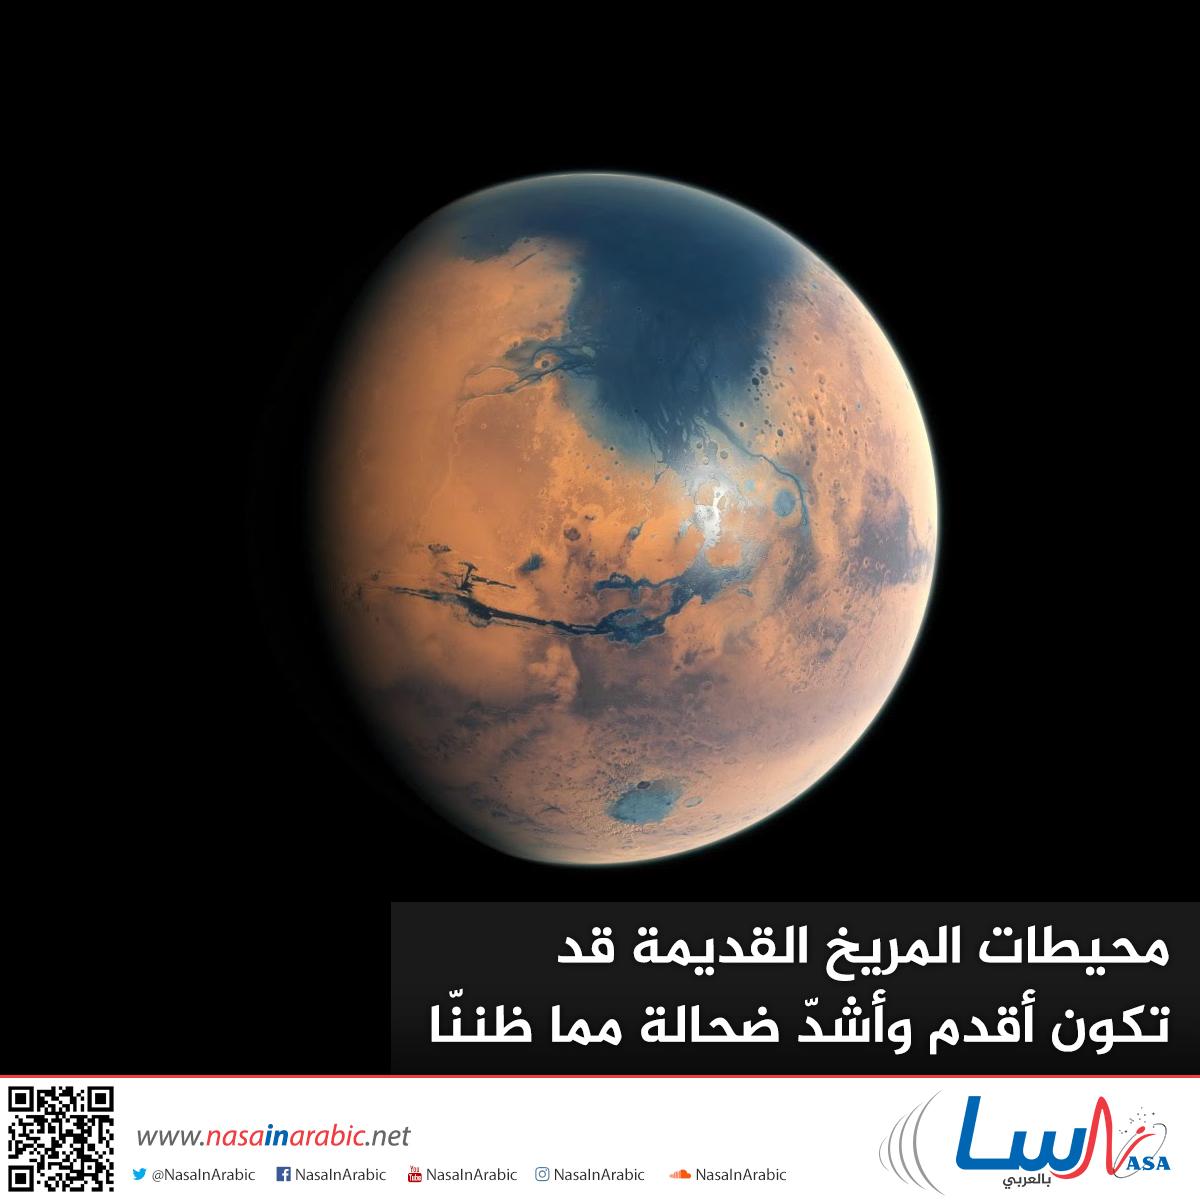 محيطات المريخ القديمة قد تكون أقدم وأشد ضحالة مما ظننا